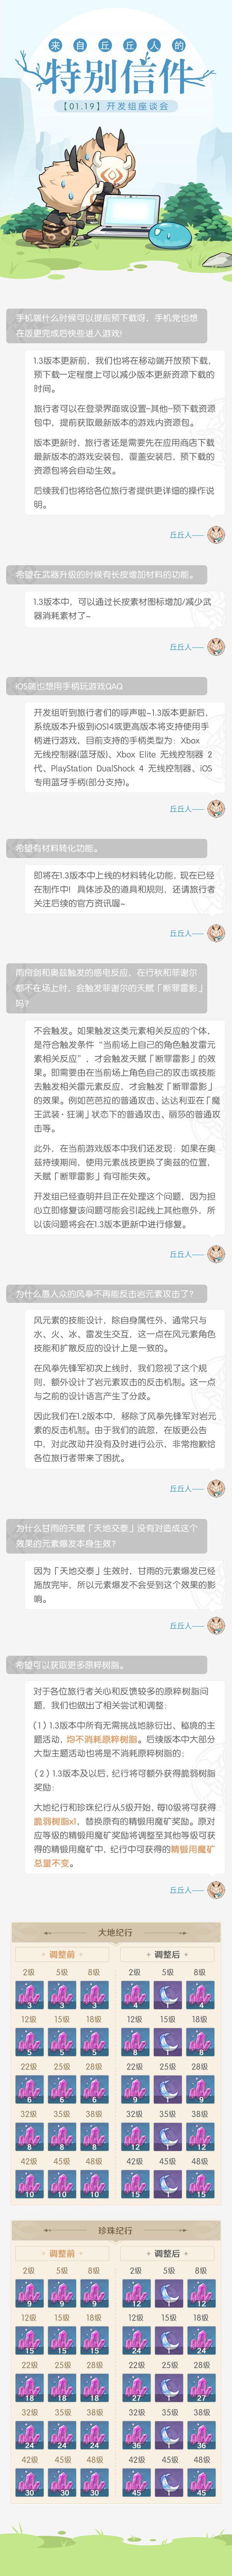 原神0119开发组座谈会速报